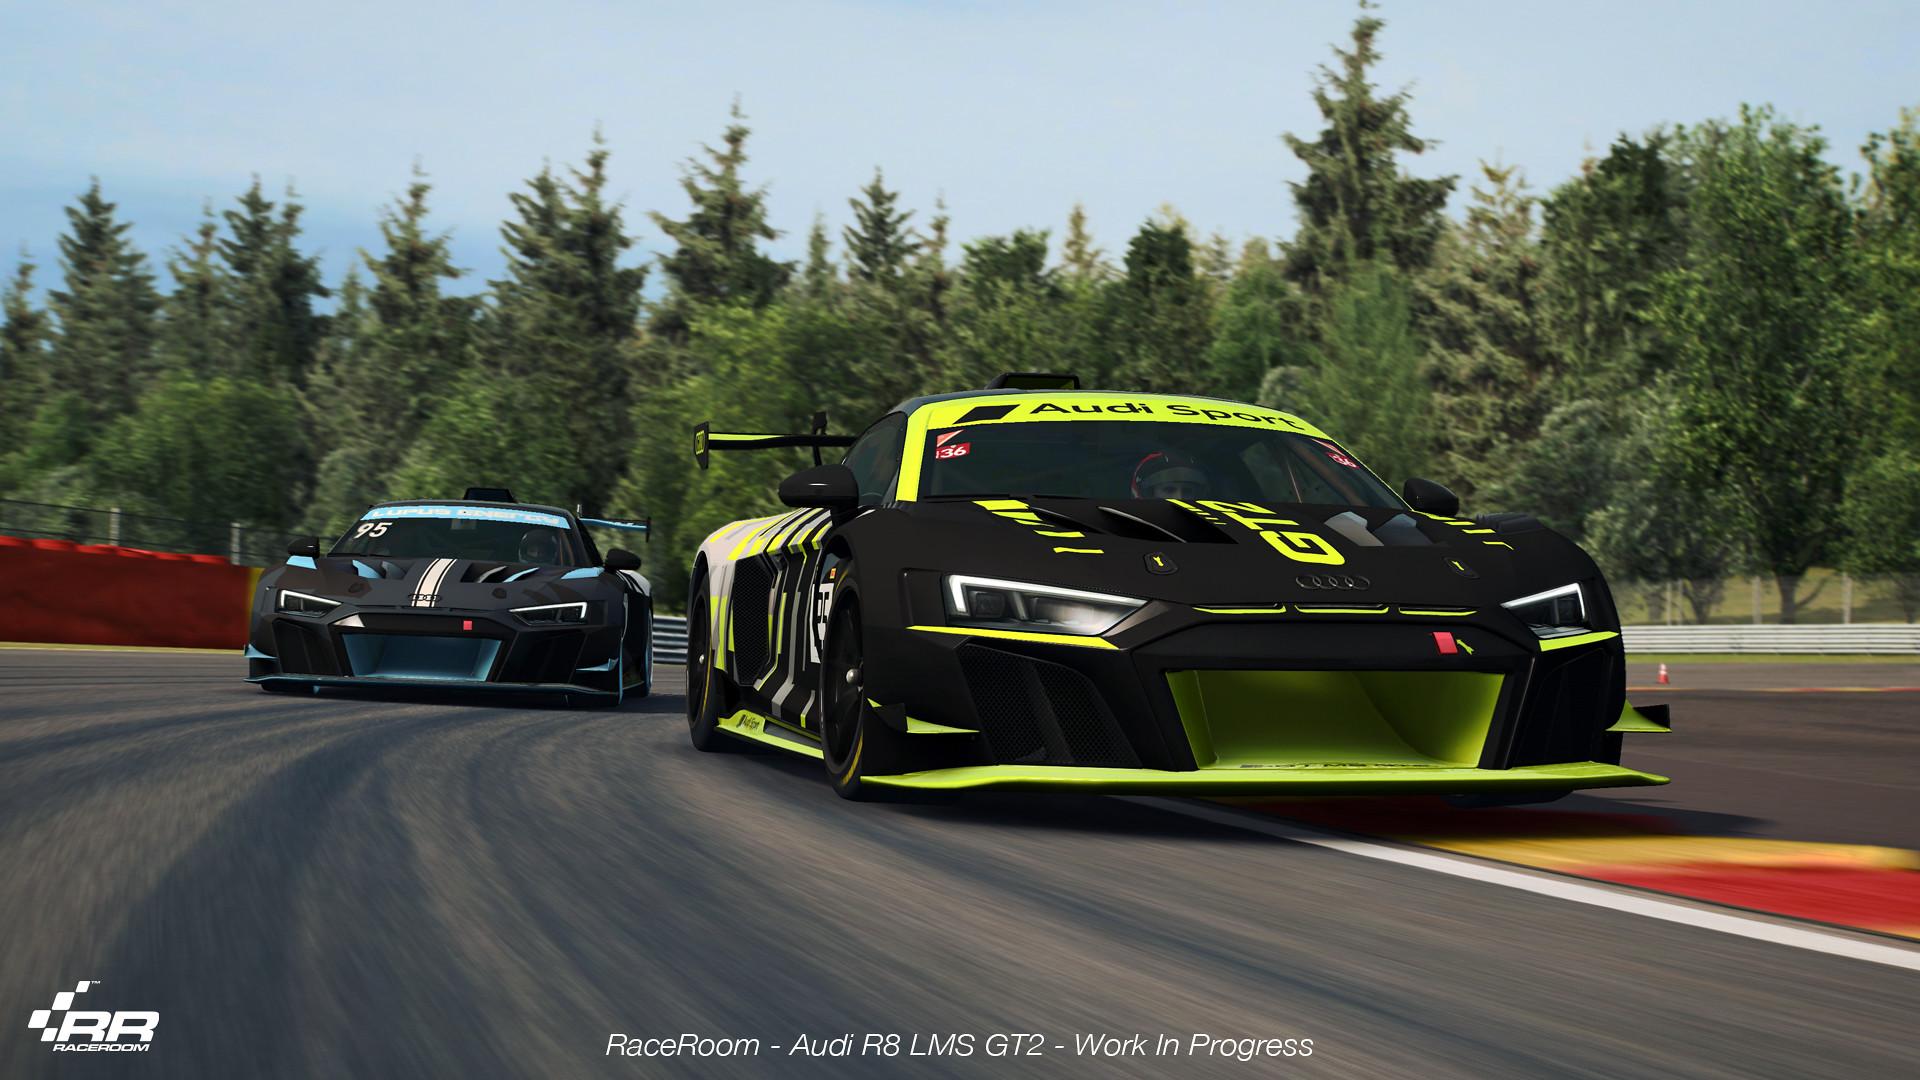 The Audi R8 LMS GT2 1